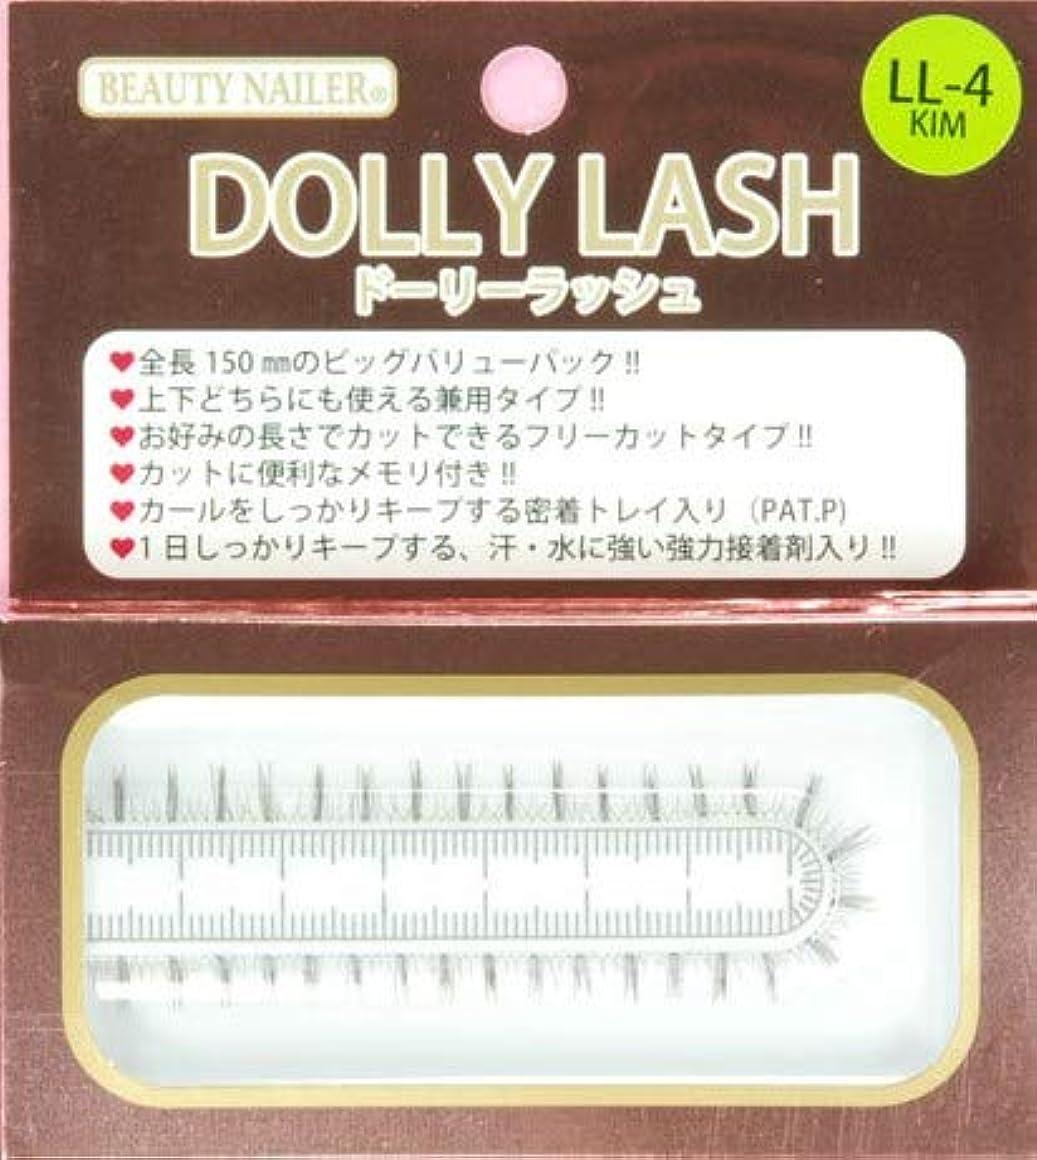 透けて見える請求センチメンタル【3個セット】DOLLY LASH LL-4 KIM